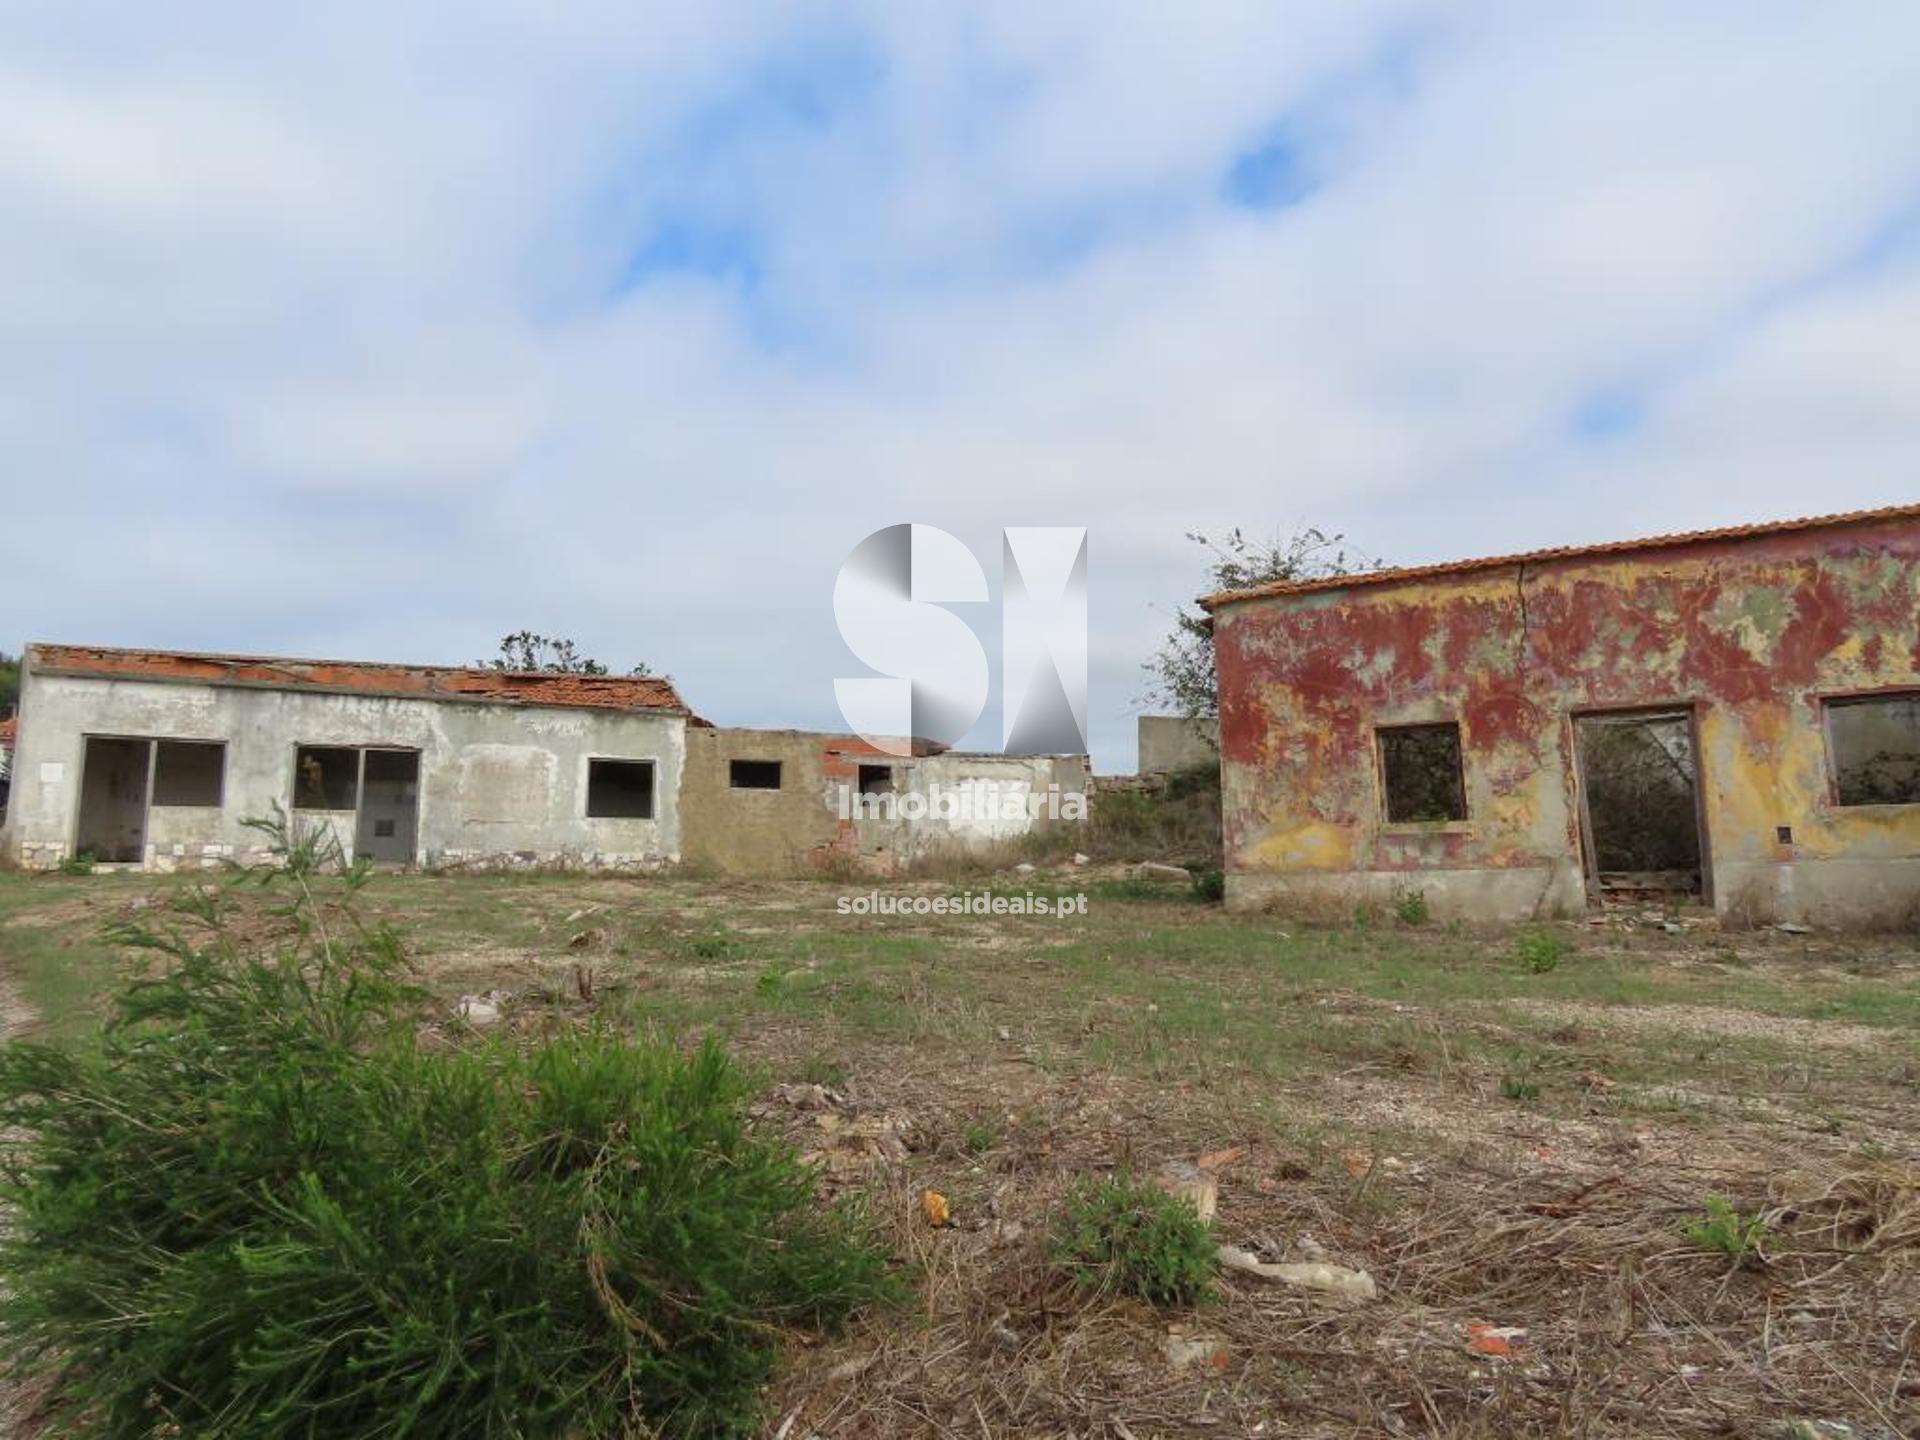 terreno para compra em torres vedras uniao das freguesias de a dos cunhados e maceira LFCLM771